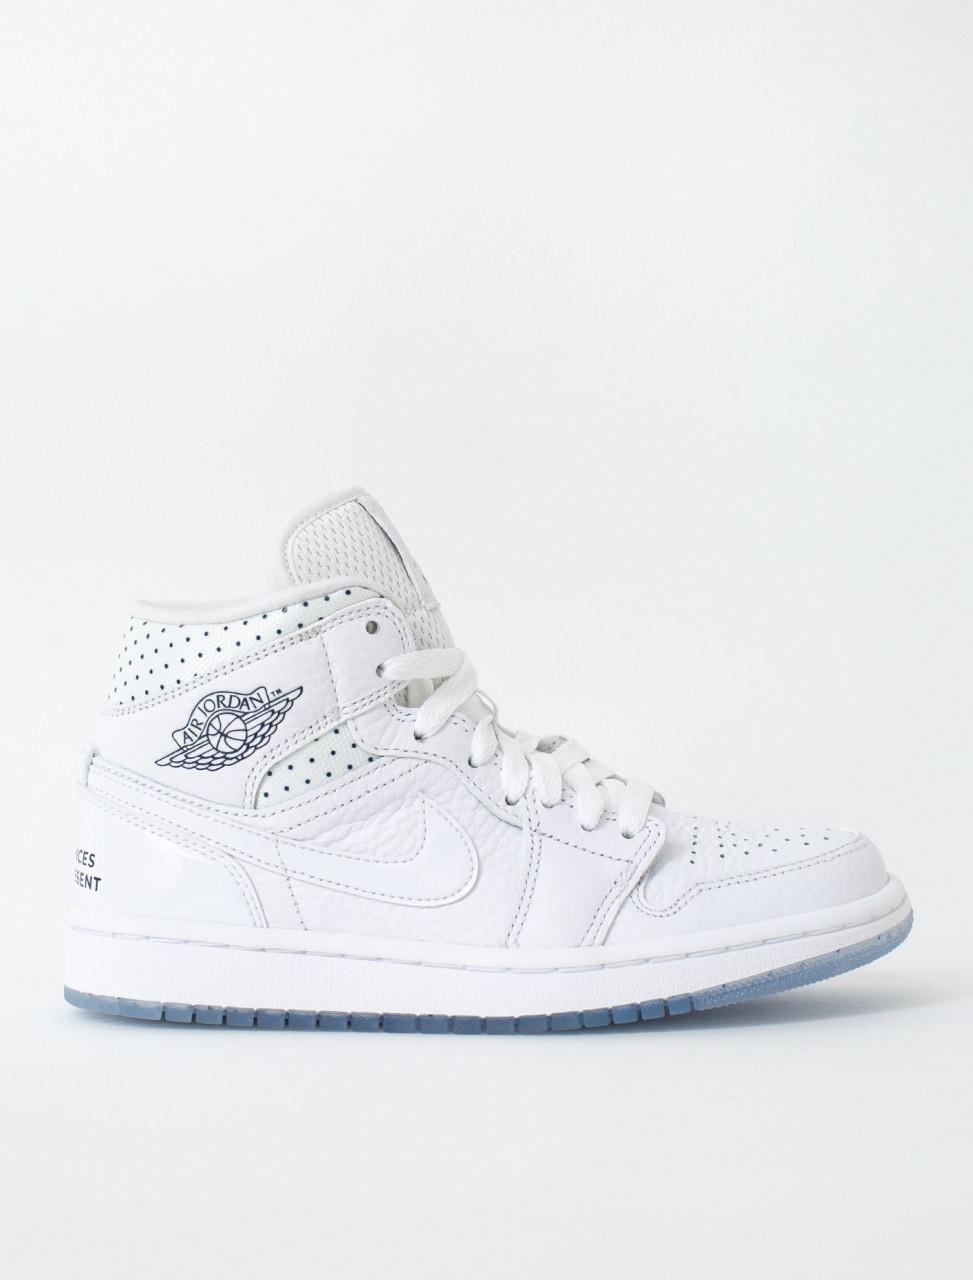 Air Jordan 1 Mid Unite Totale Sneaker